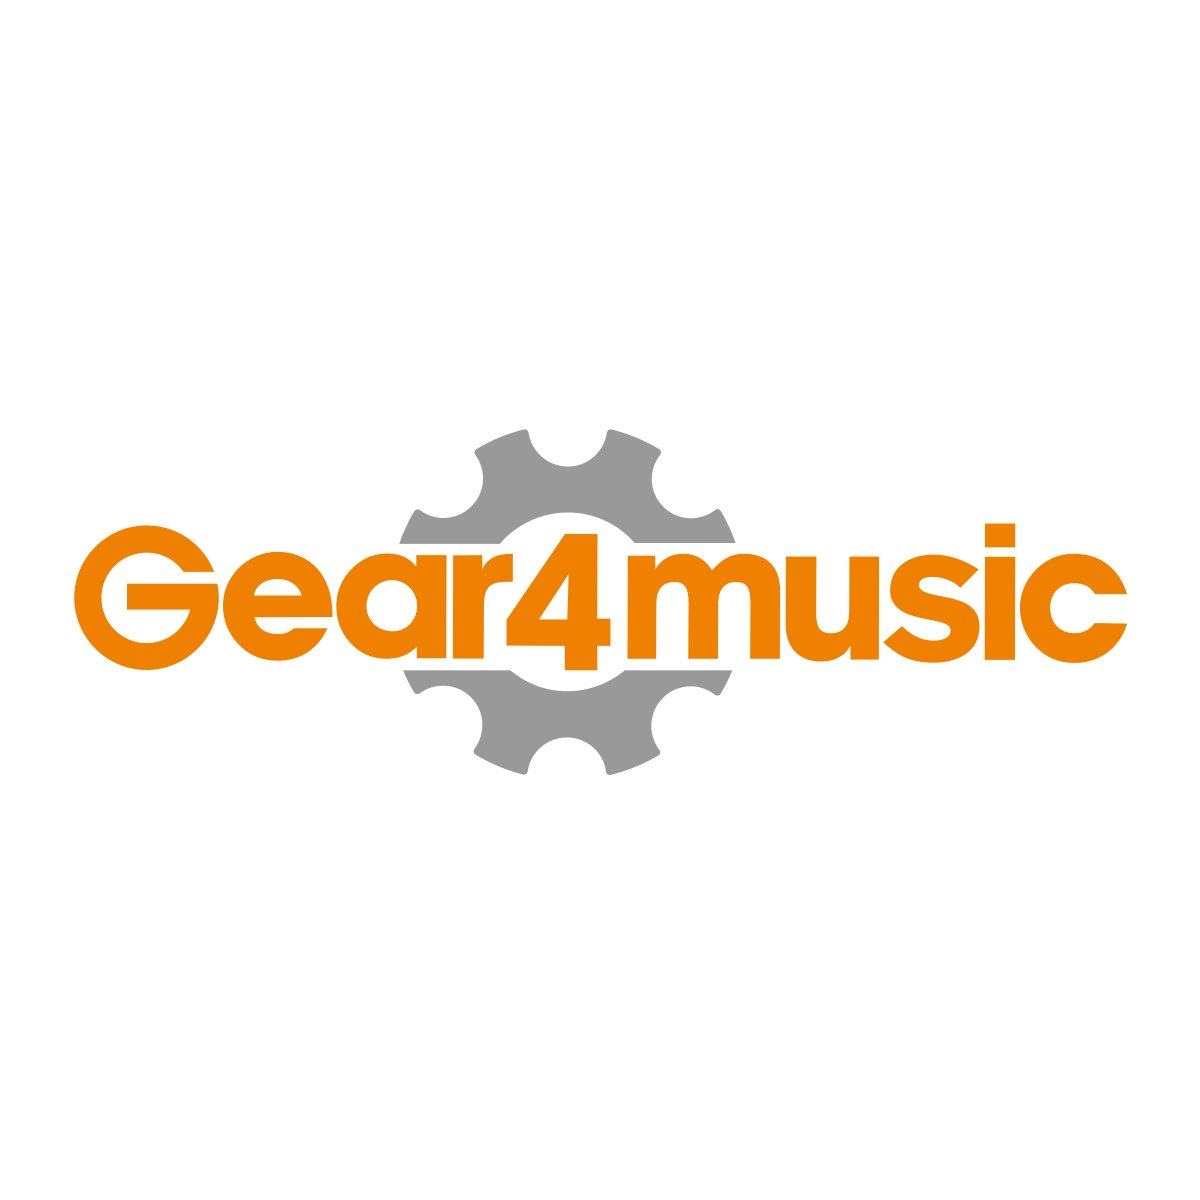 Farbige Aufkleber von Gear4music für Tasteninstrumente